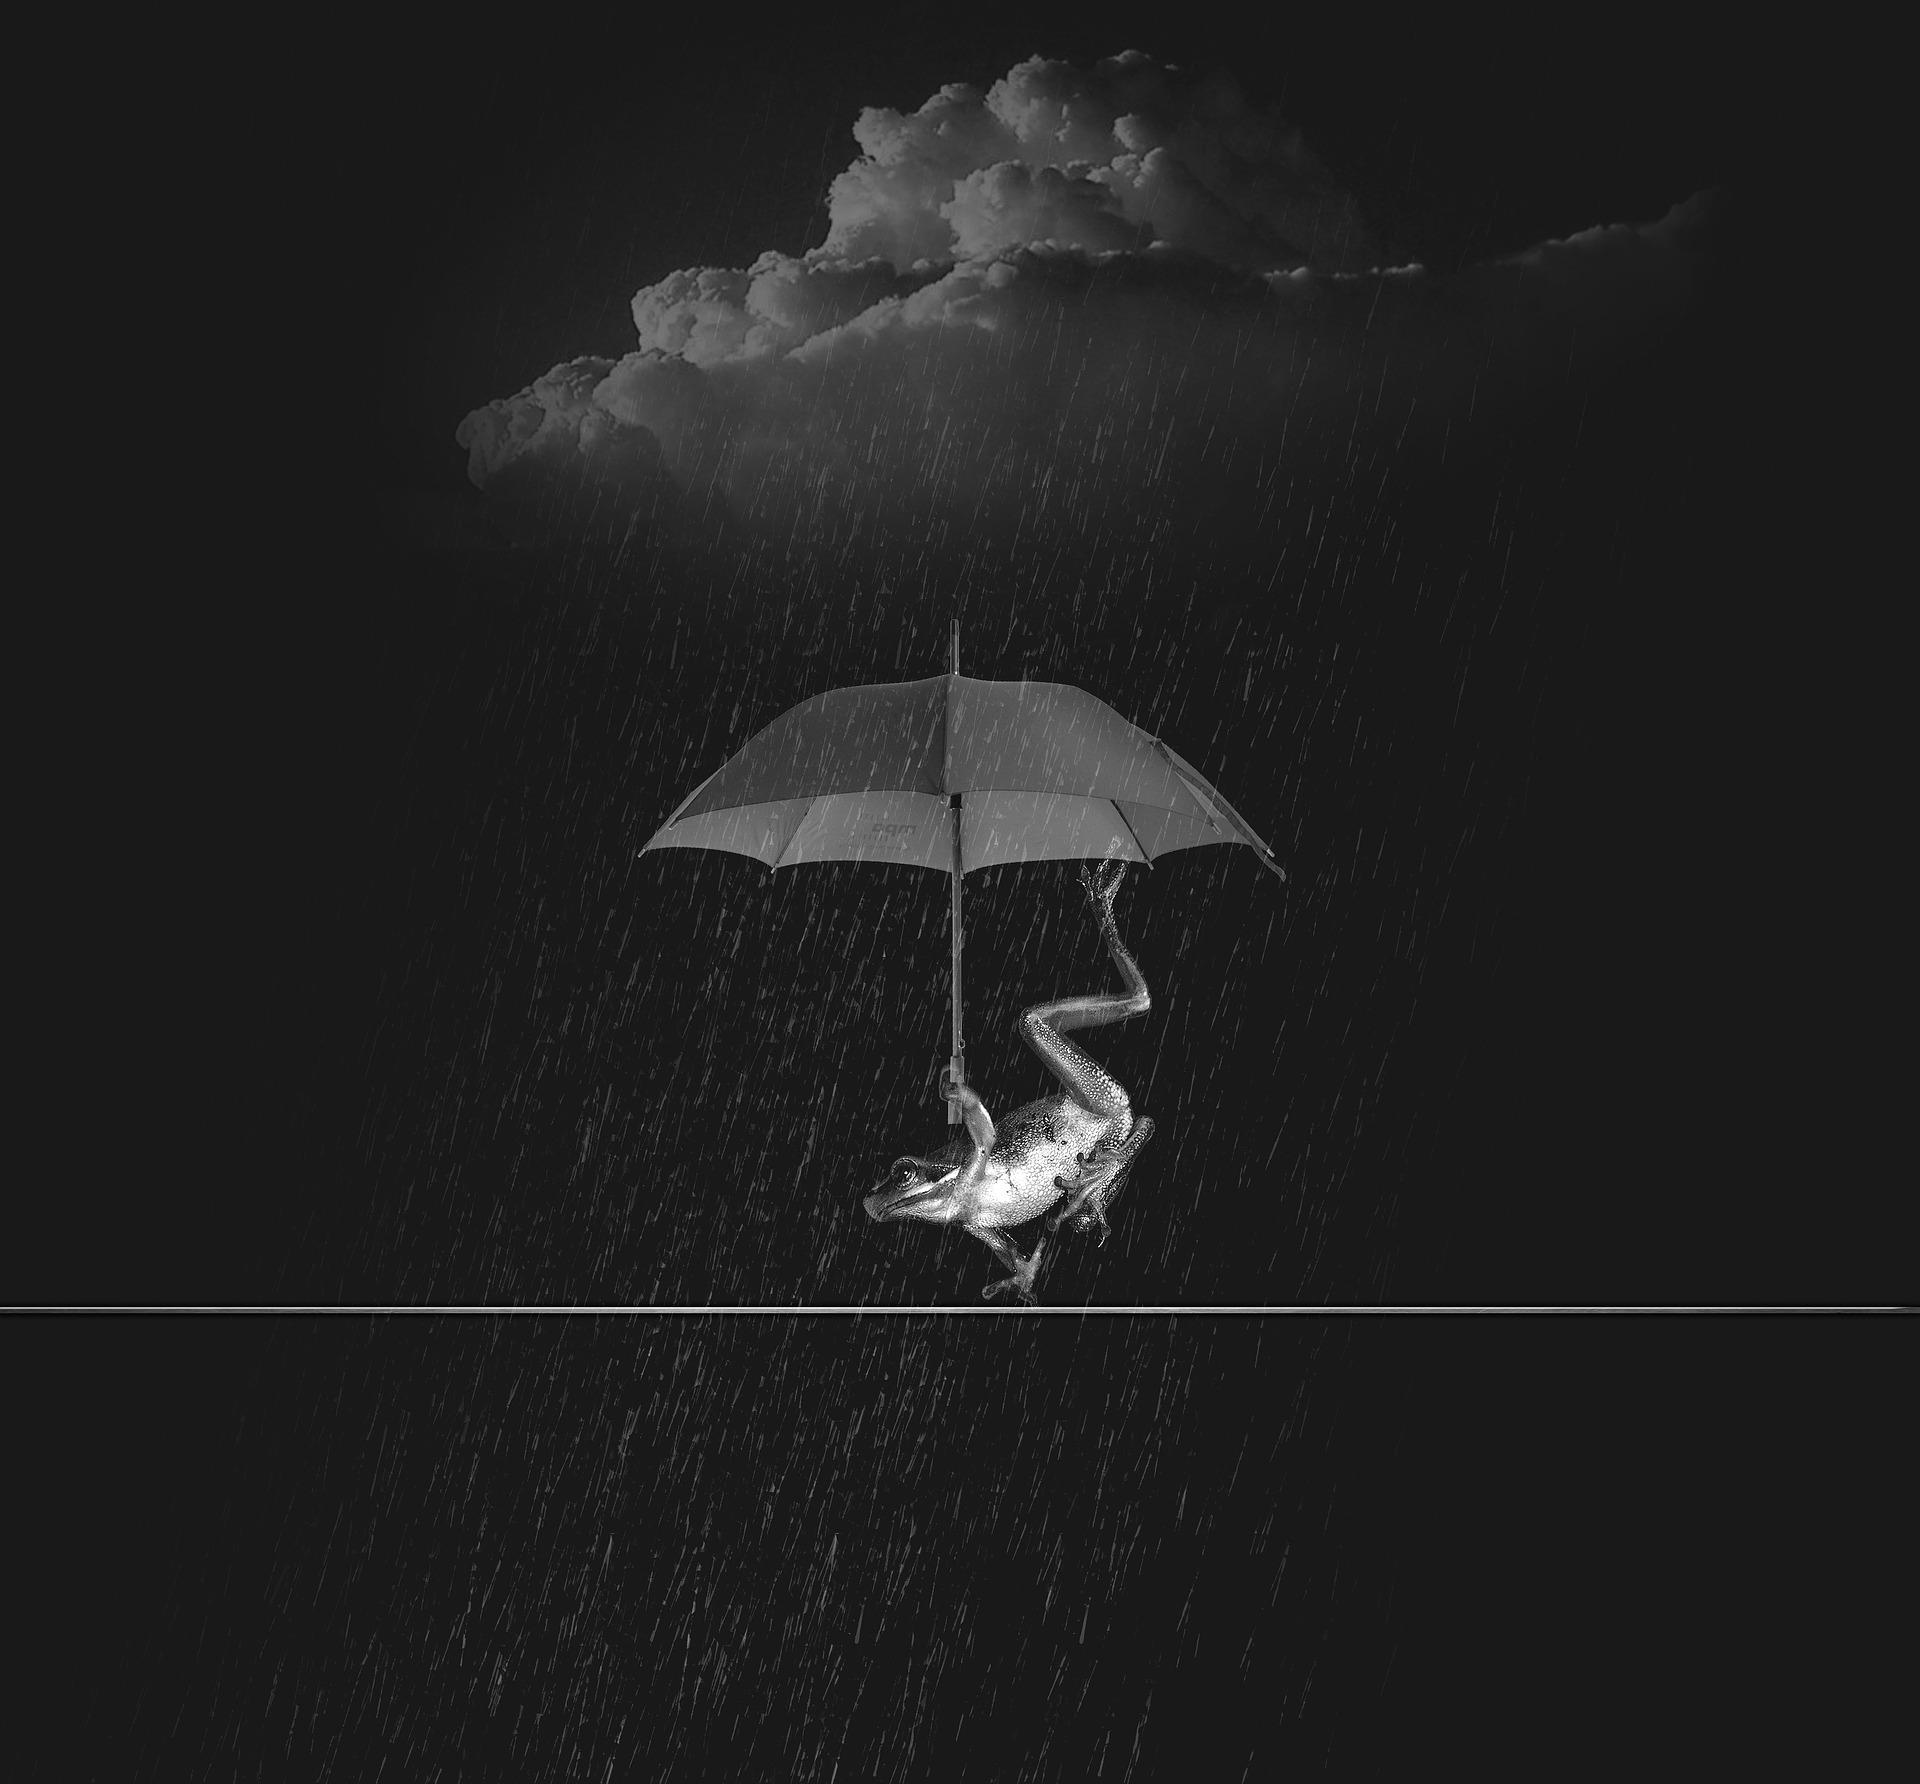 weatherman-849792_1920.jpg